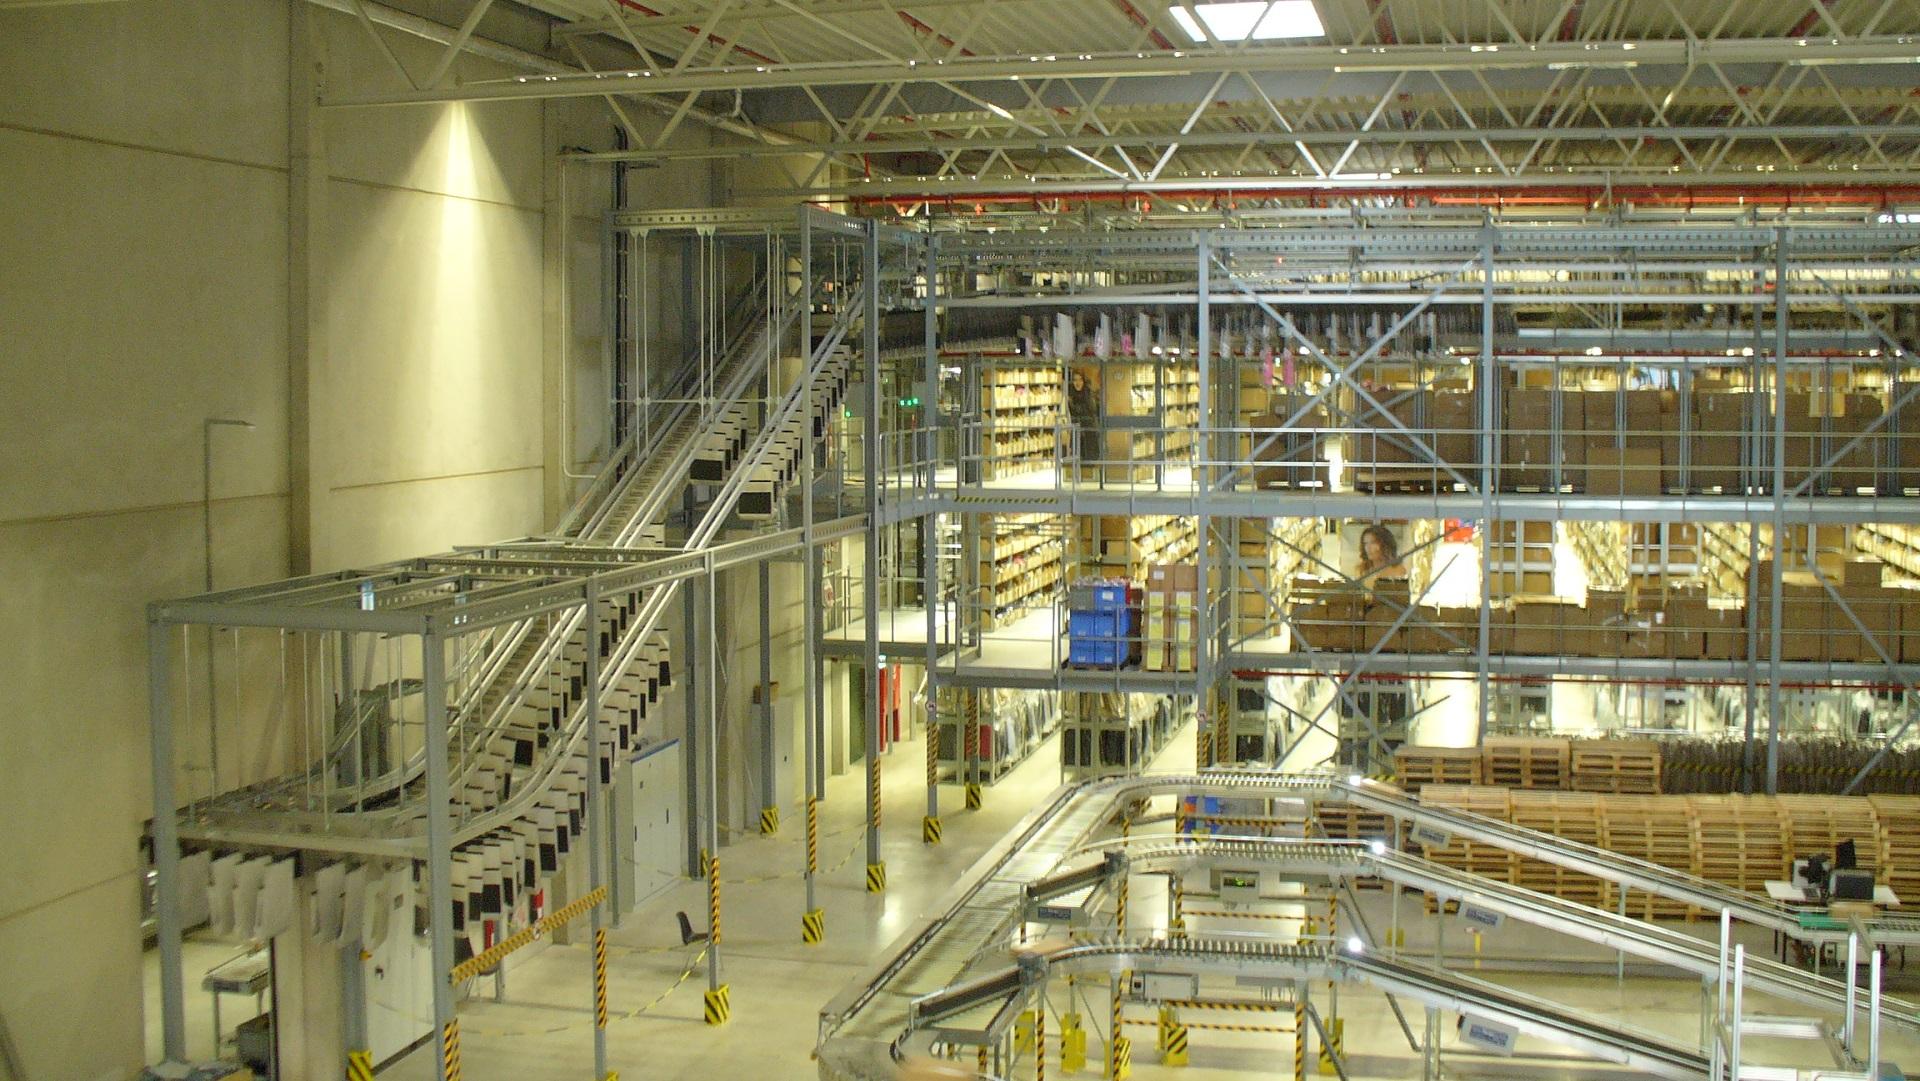 Inside of the warehouse of arvato in Langenhagen